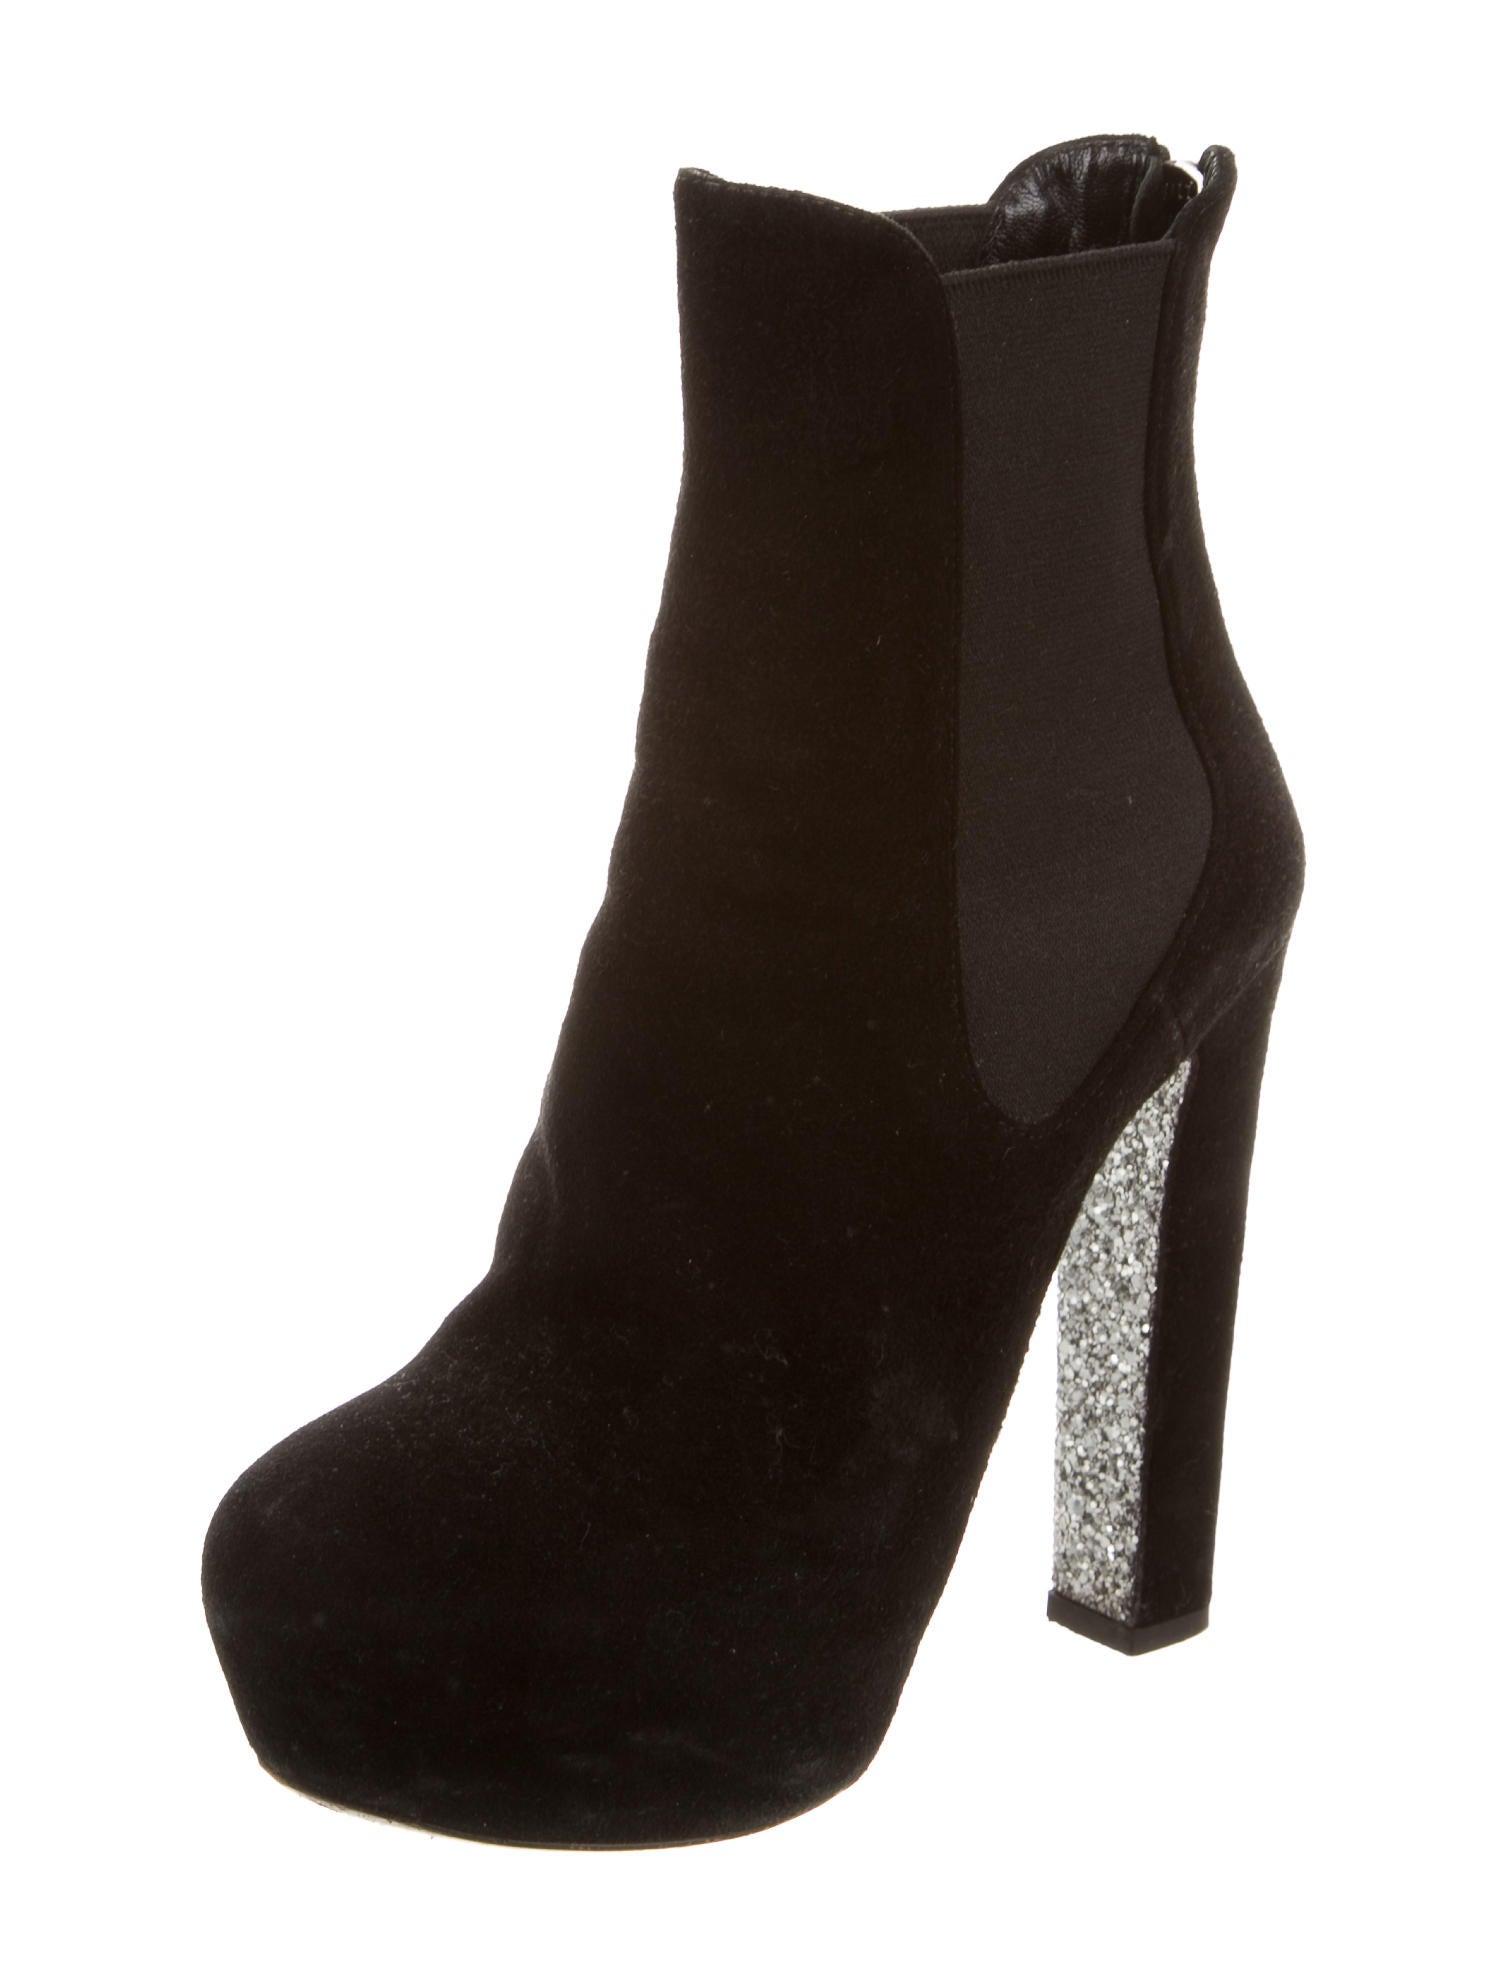 miu miu suede glitter ankle boots shoes miu47233 the